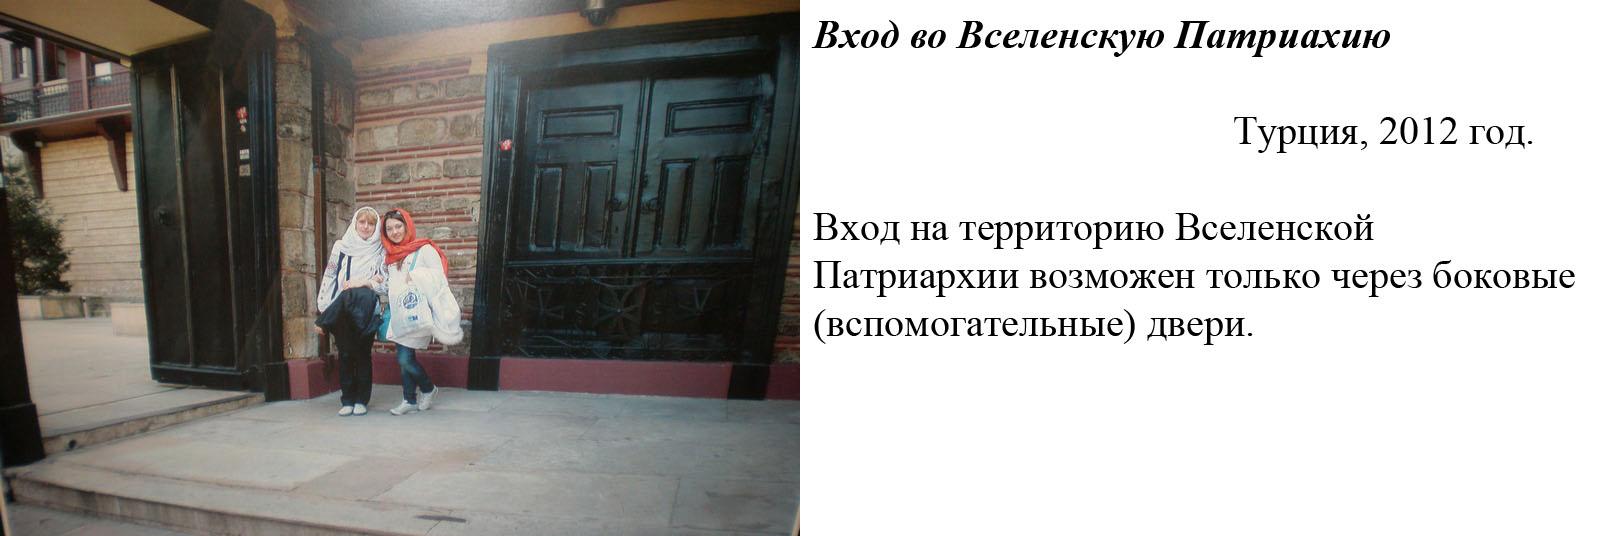 Вход во Вселенскую Патриахию                                            Турция, 2012 год.  Вход на территорию Вселенской Патриархии возможен только через боковые (вспомогательные) двери.